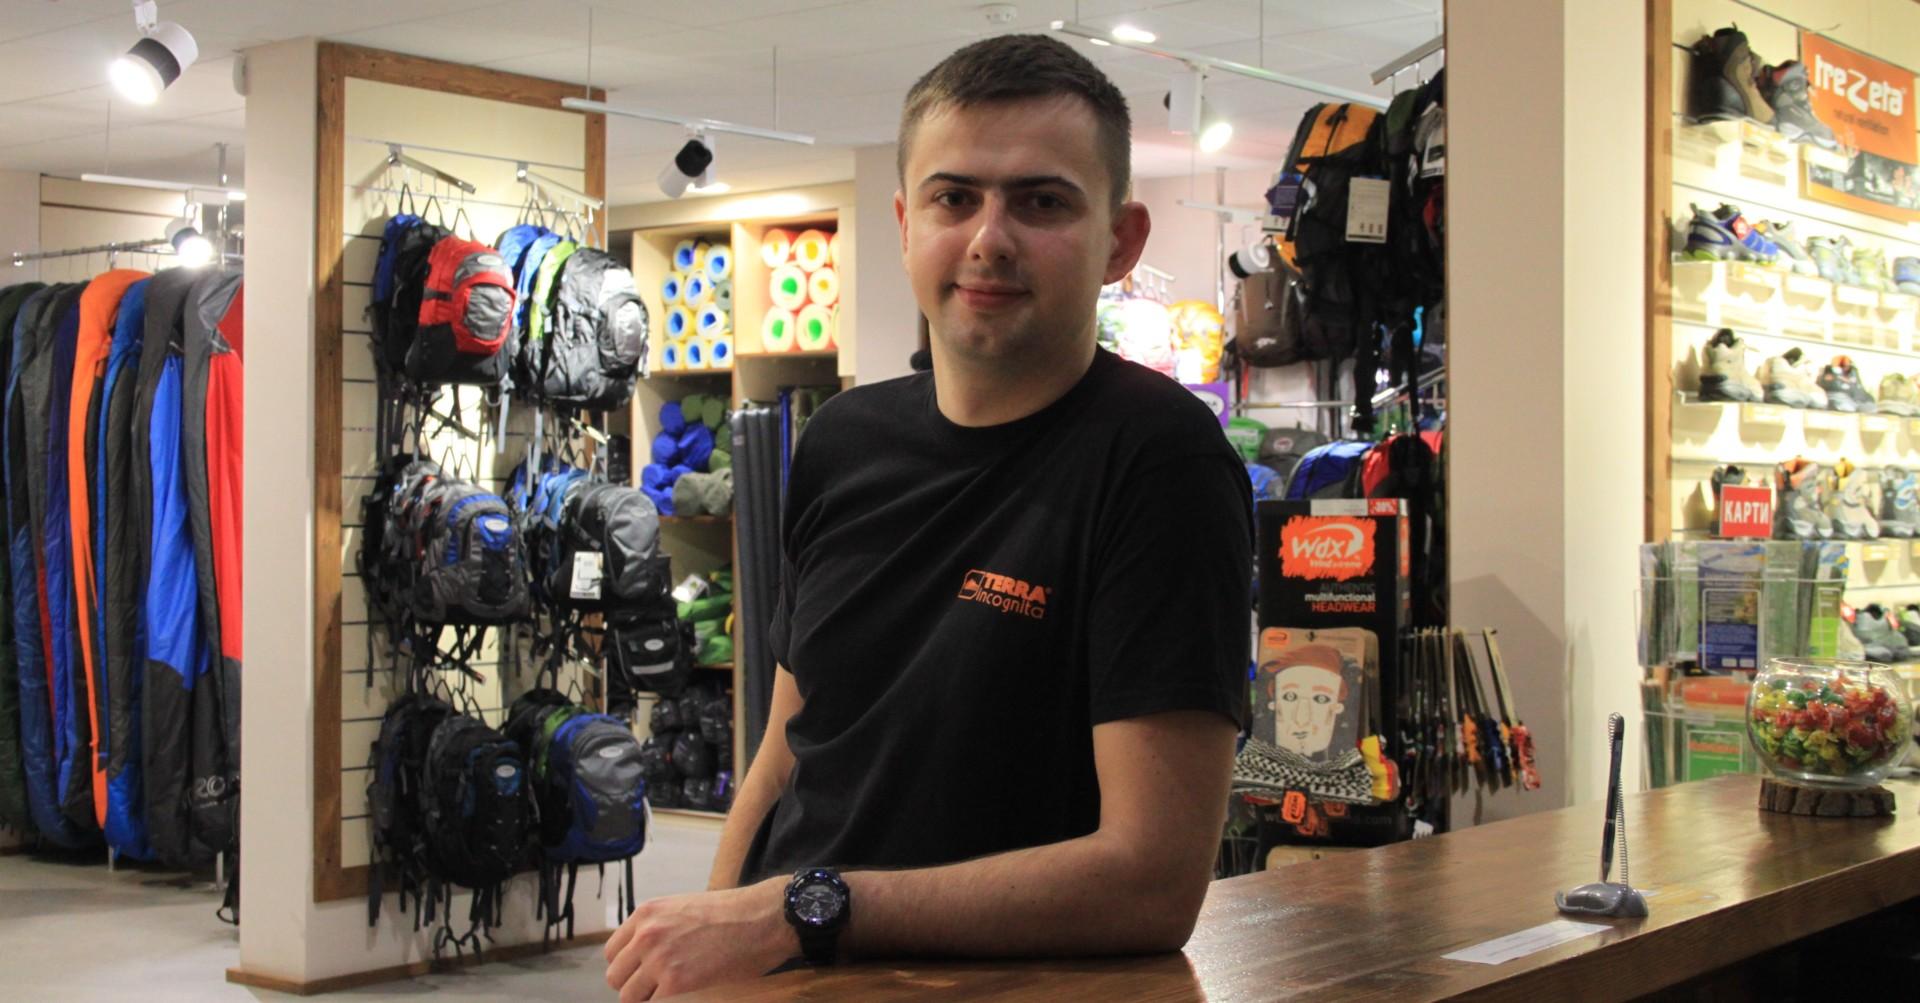 Роздріб і Еверест  інтерв ю з директором магазинів туристичних товарів Terra  Incognita b7eb8551cb3bd